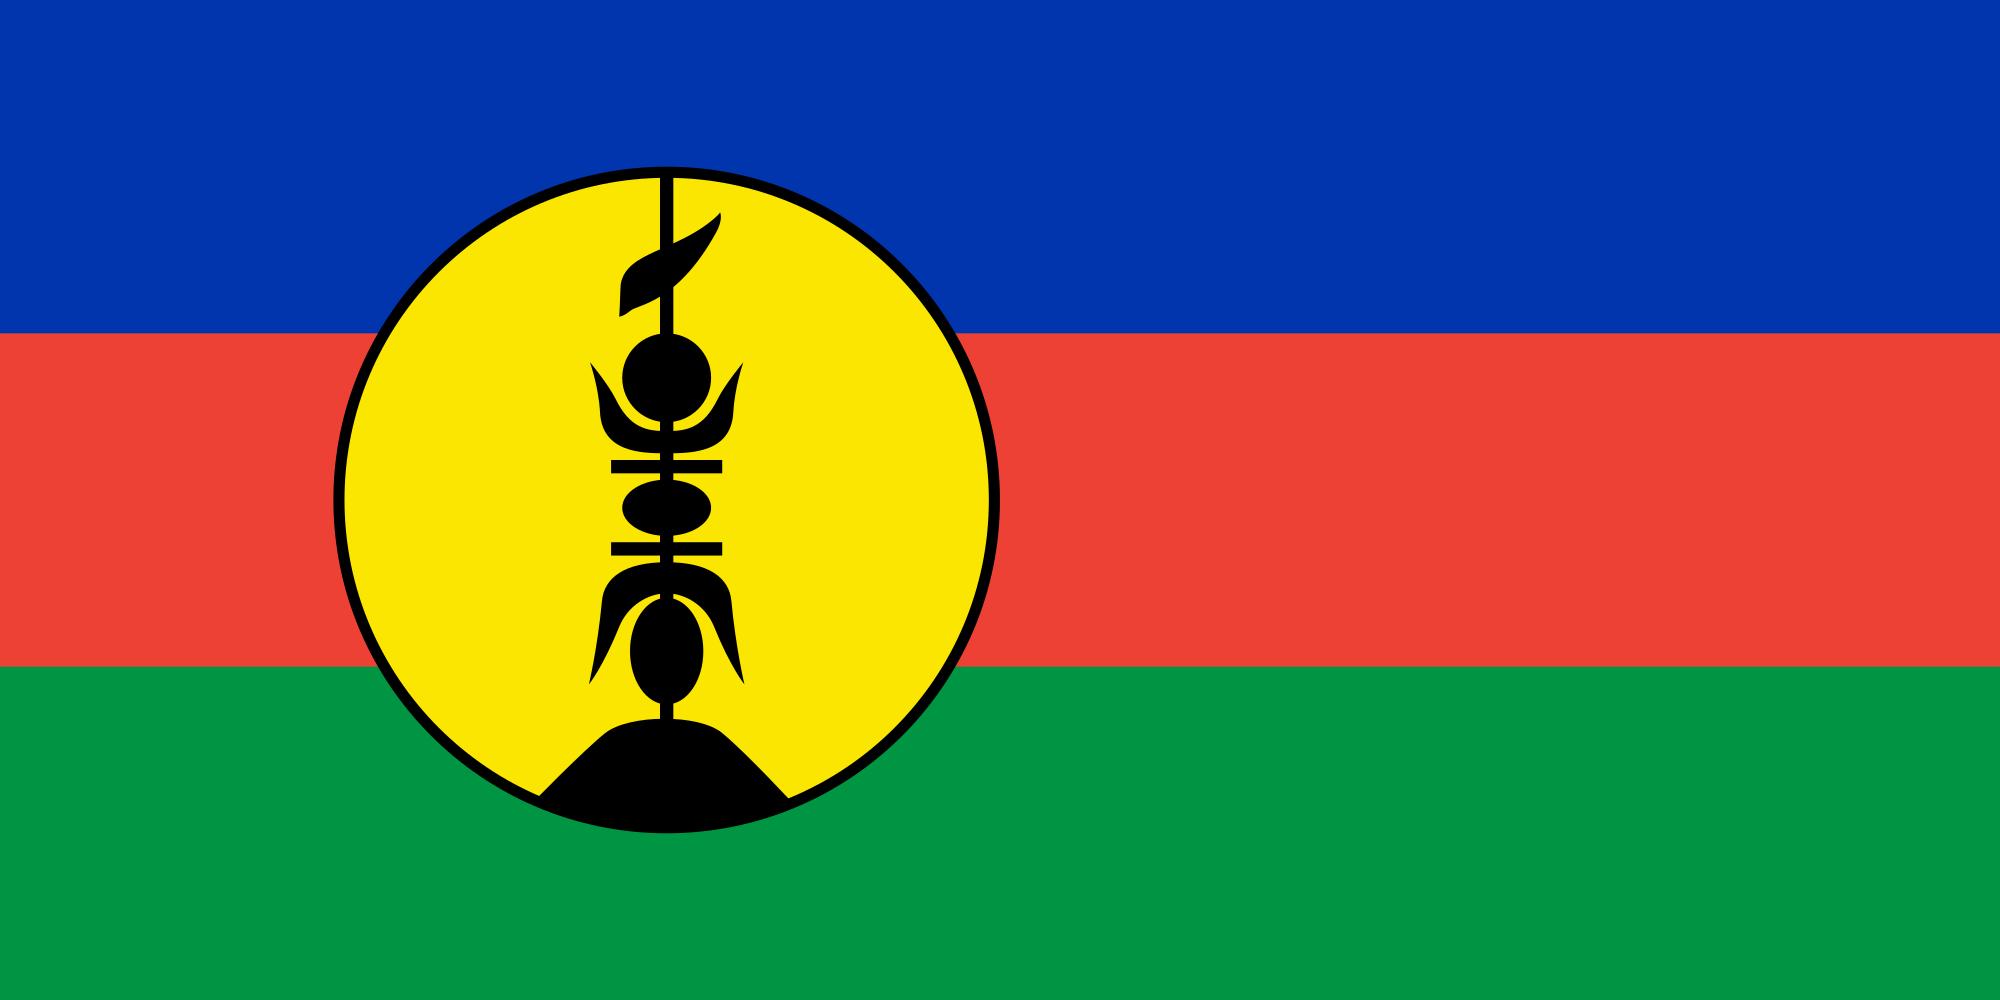 Nouvelle Calédonie, pays, emblème, logo, symbole - Fonds d'écran HD - Professor-falken.com